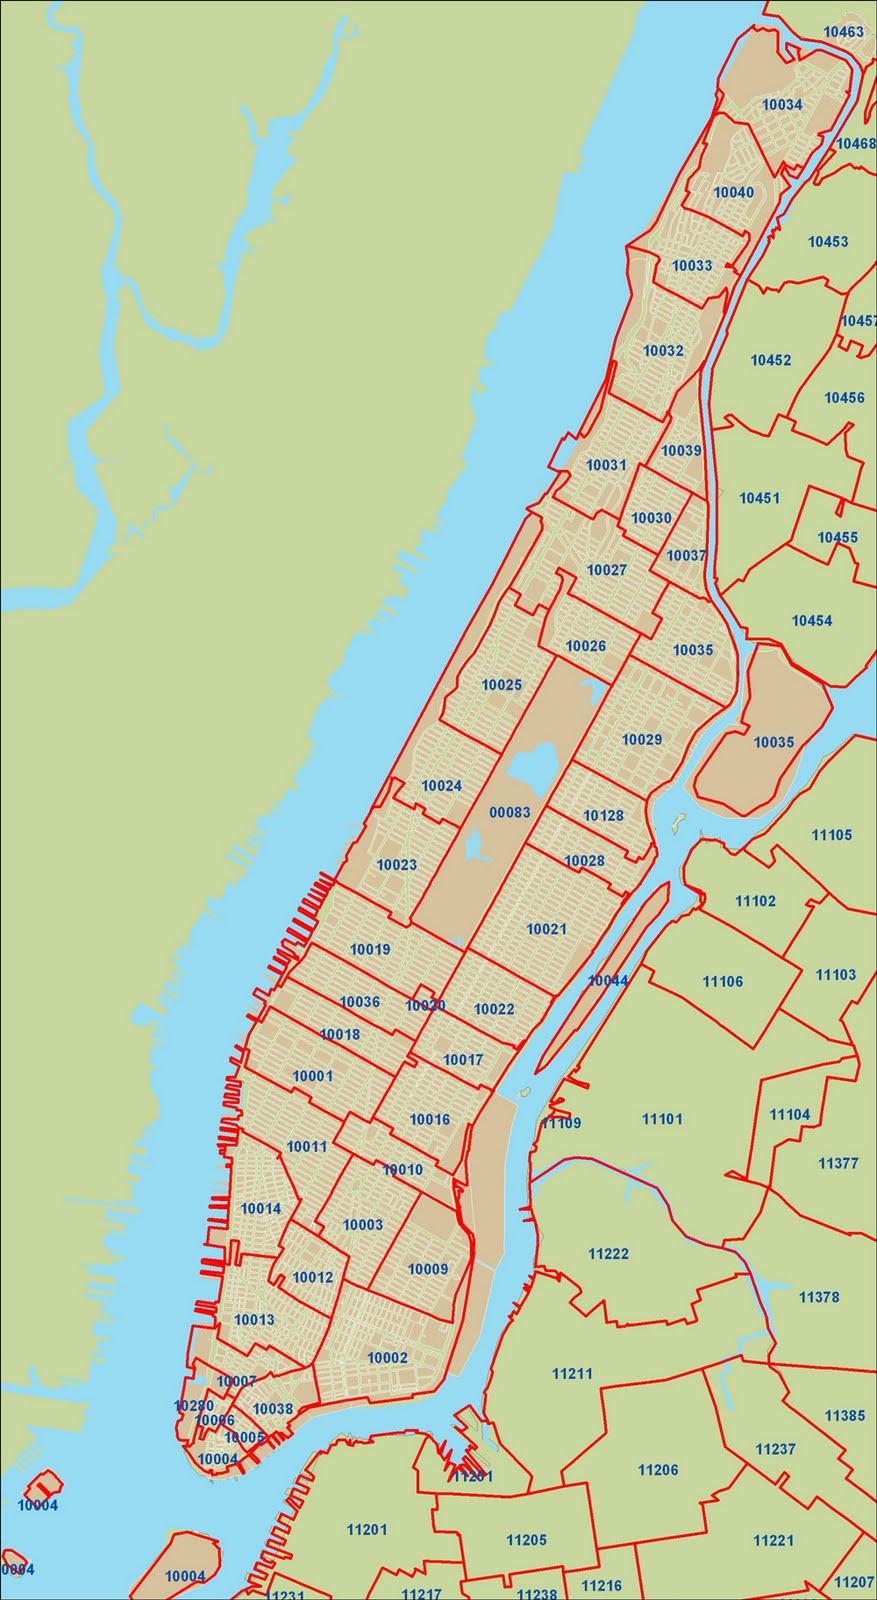 ZipCodeEdo Blog Zip Codes Finder By Cities Make Your Travelling - Us zip codes list by city